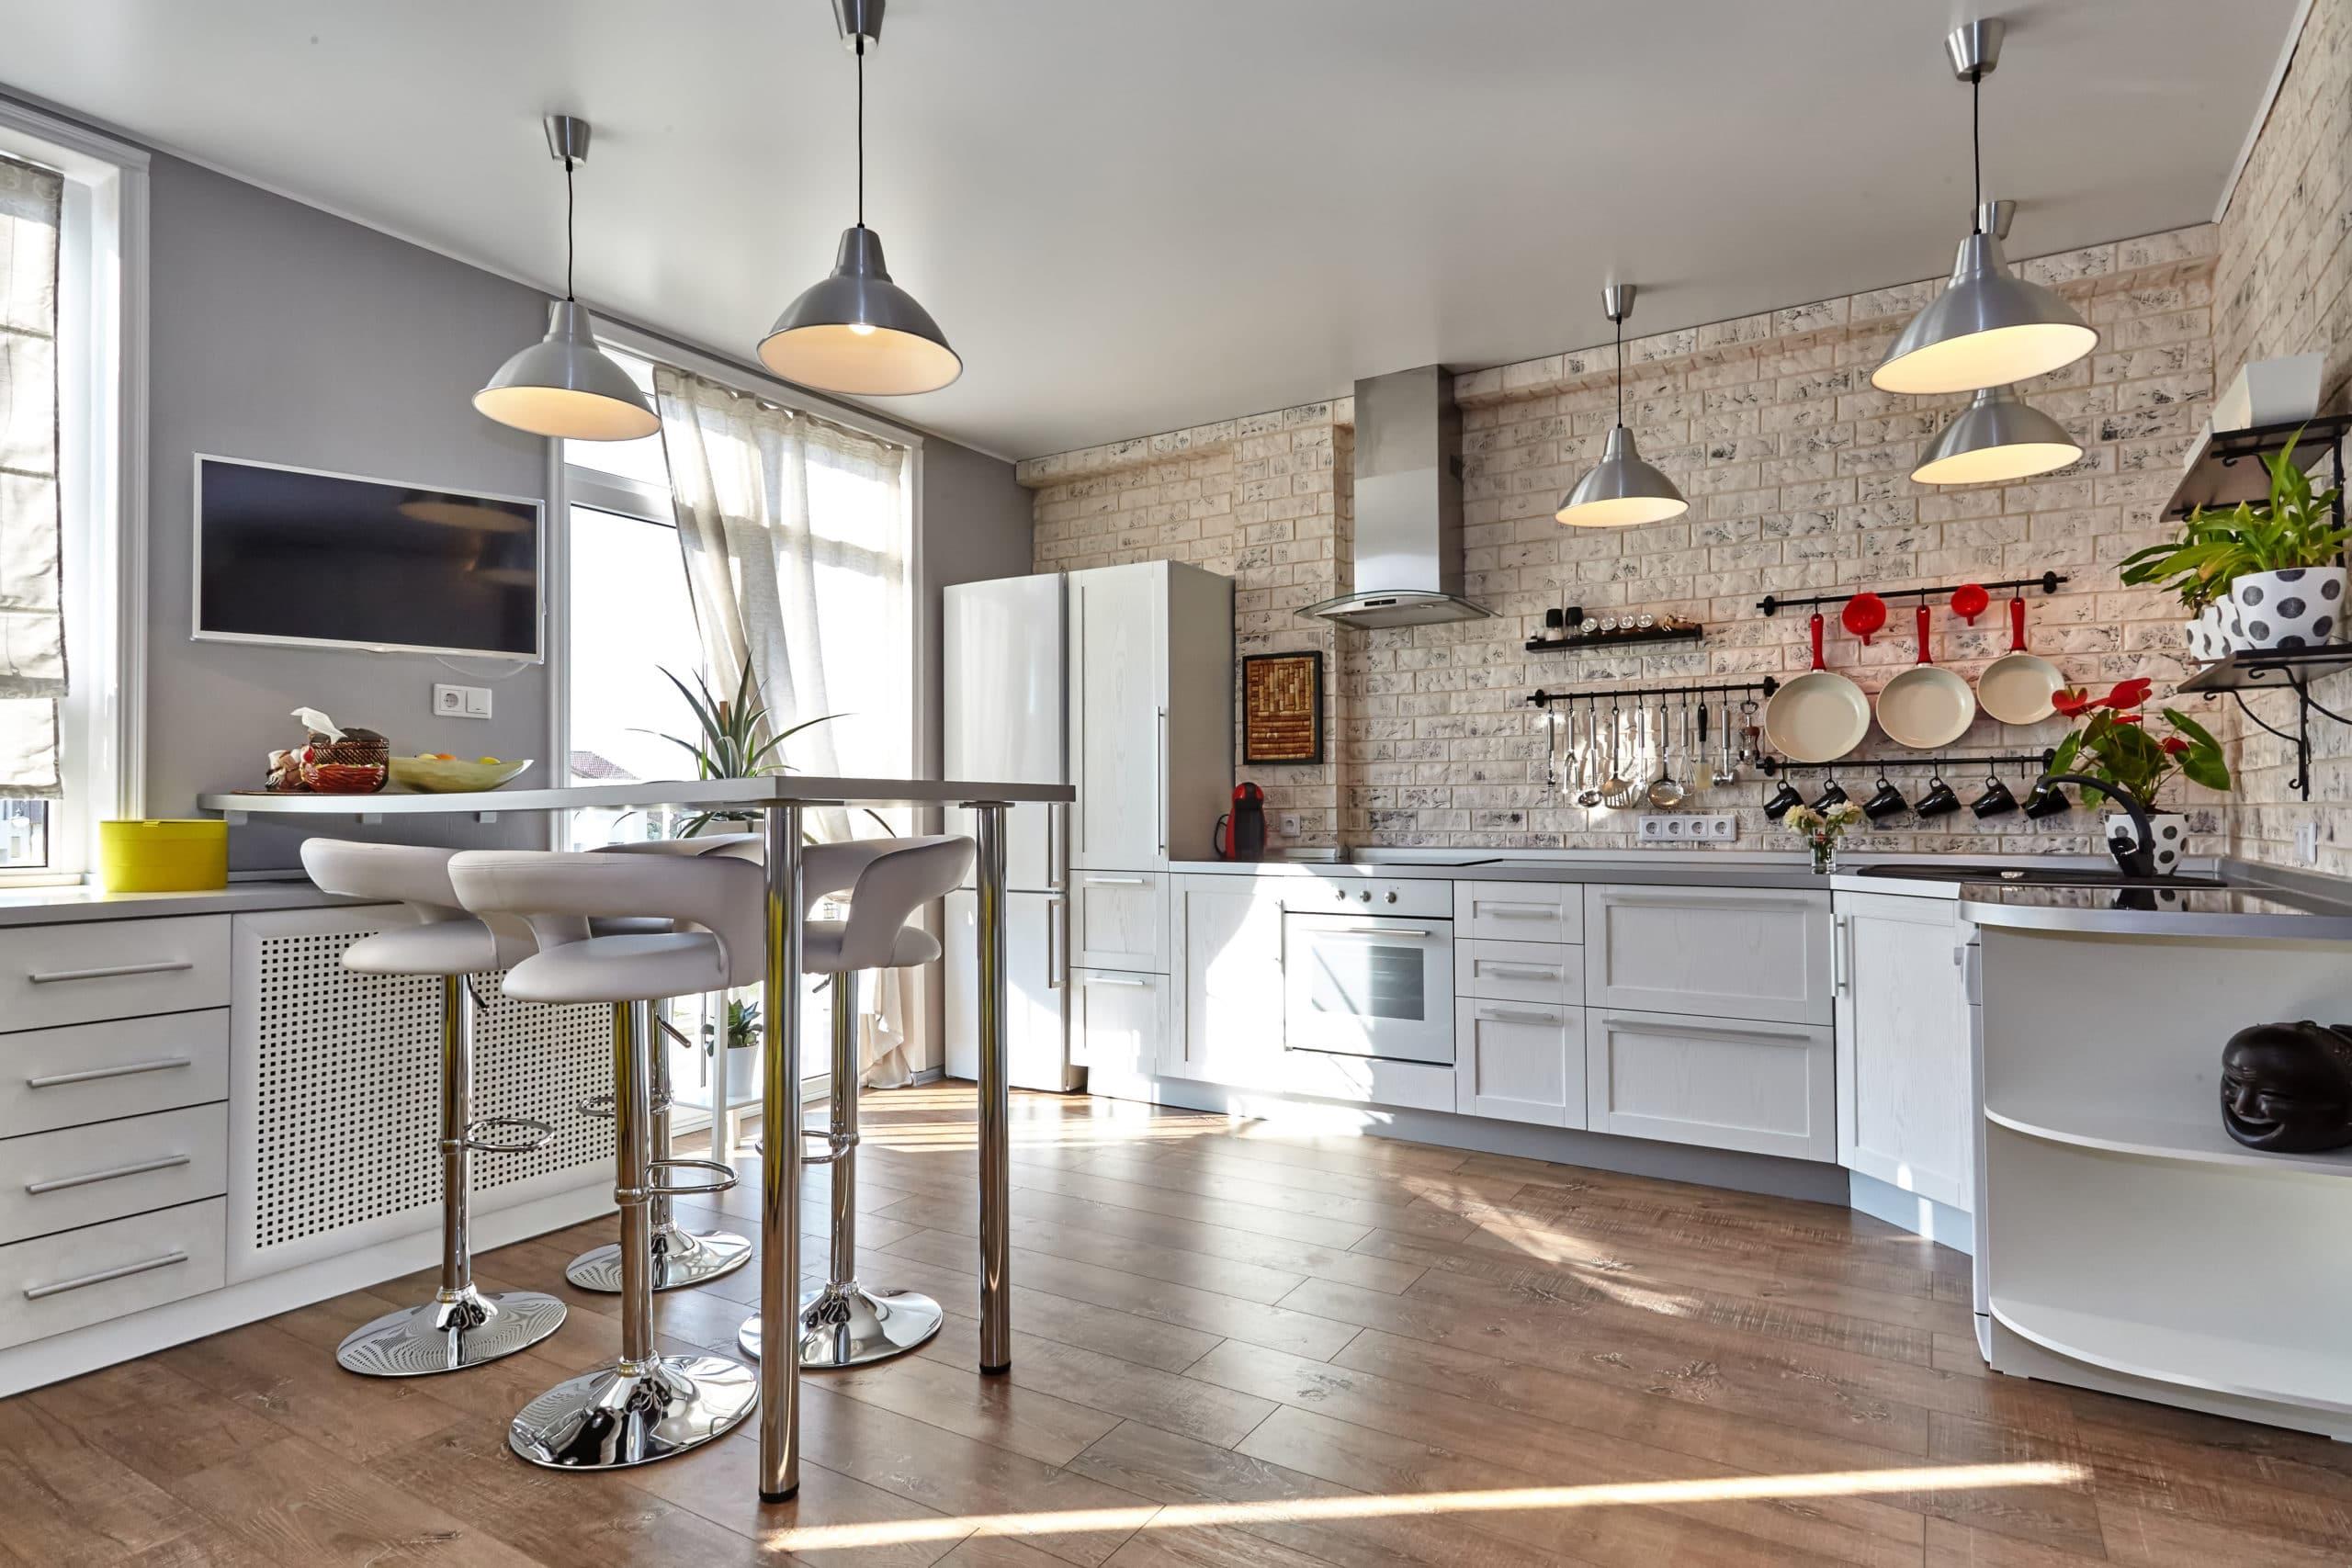 מטבחים מעץ חברות מטבחים המעצבות ומרכיבות מטבחים לכל כיס מקצועיים עם רצון לתת שירות טוב ומקצועי ומומחים להקמת אי במטבח מכל חומר תוך כדי התקנת חיבור גז תיקני במטבח